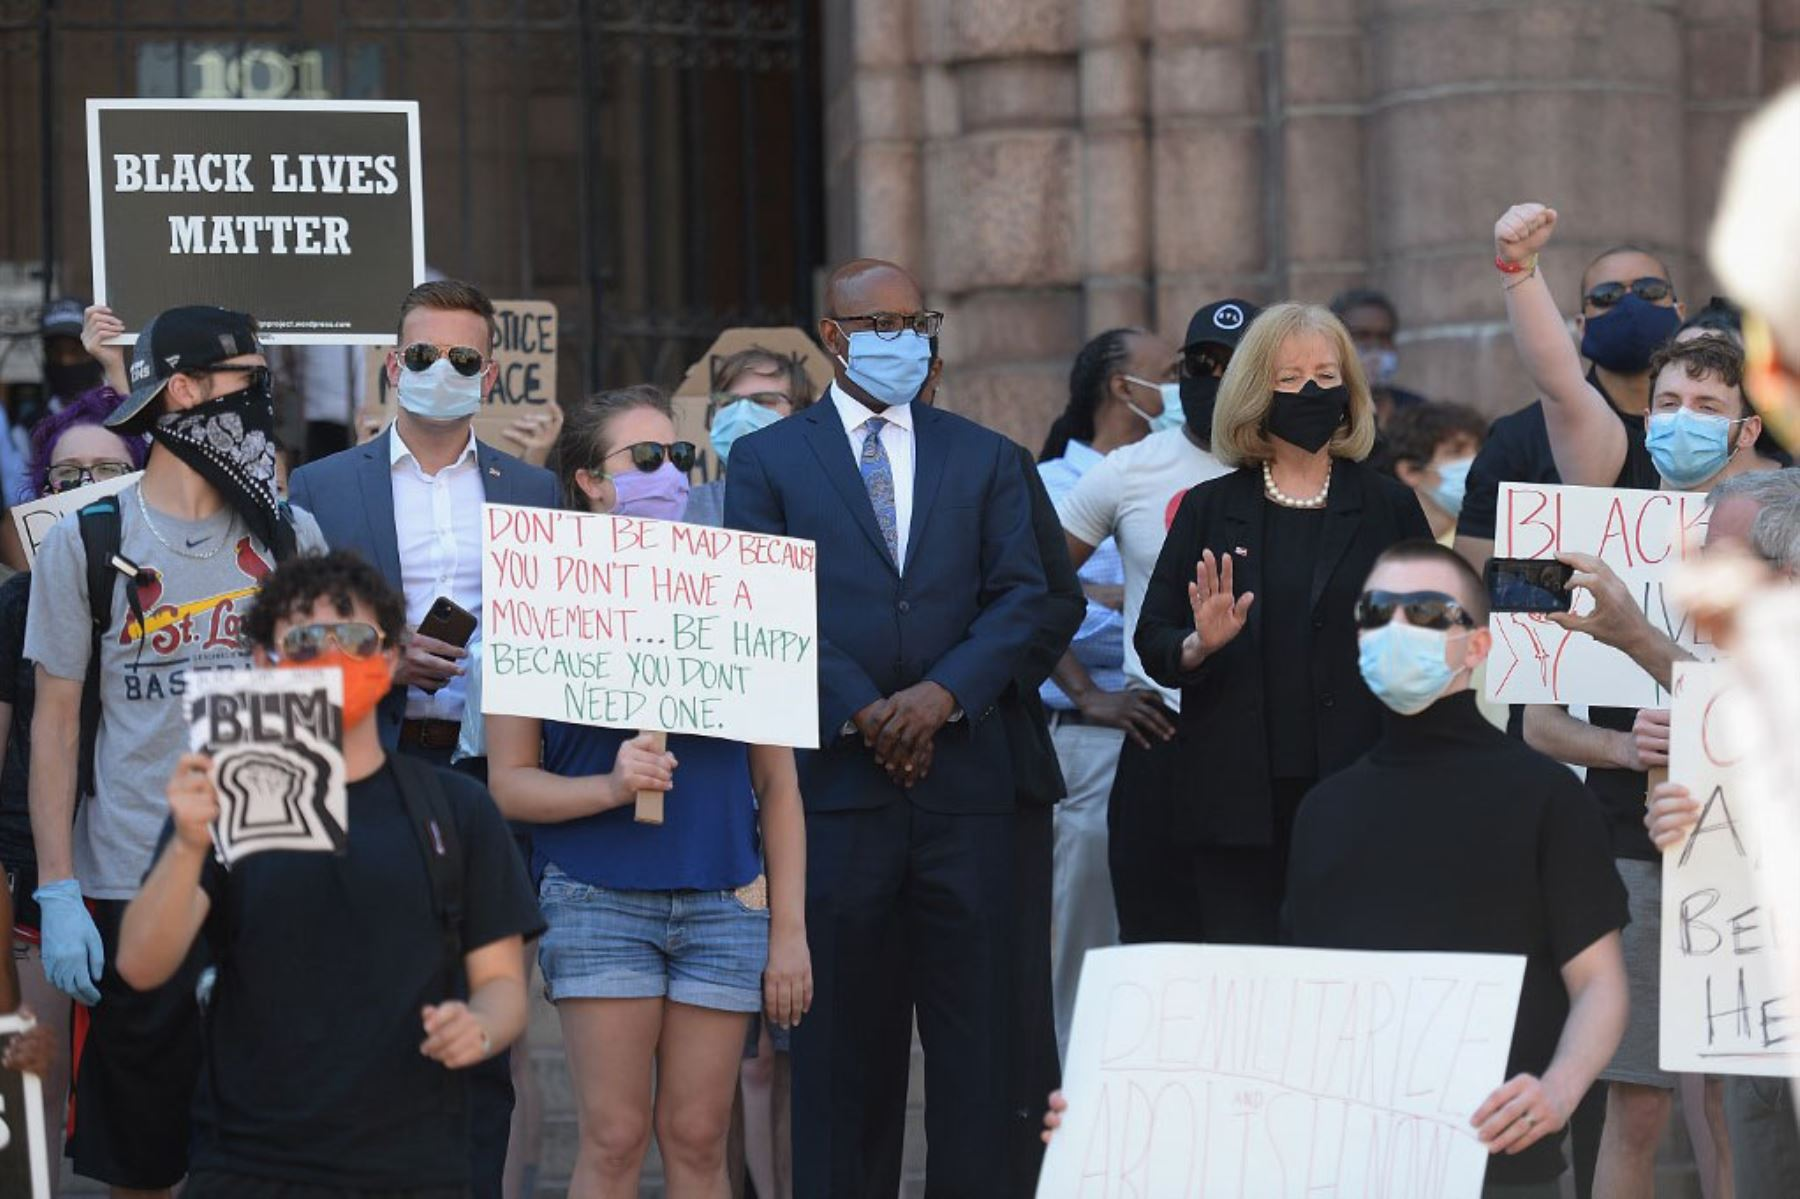 La alcaldesa de la ciudad de St. Louis, Lyda Krewson, se une a los manifestantes mientras se manifiestan contra la brutalidad policial y la muerte de George Floyd frente al Centro de Justicia de la Ciudad de St. Louis y el Ayuntamientoen St Louis, Missouri .  Foto: AFP